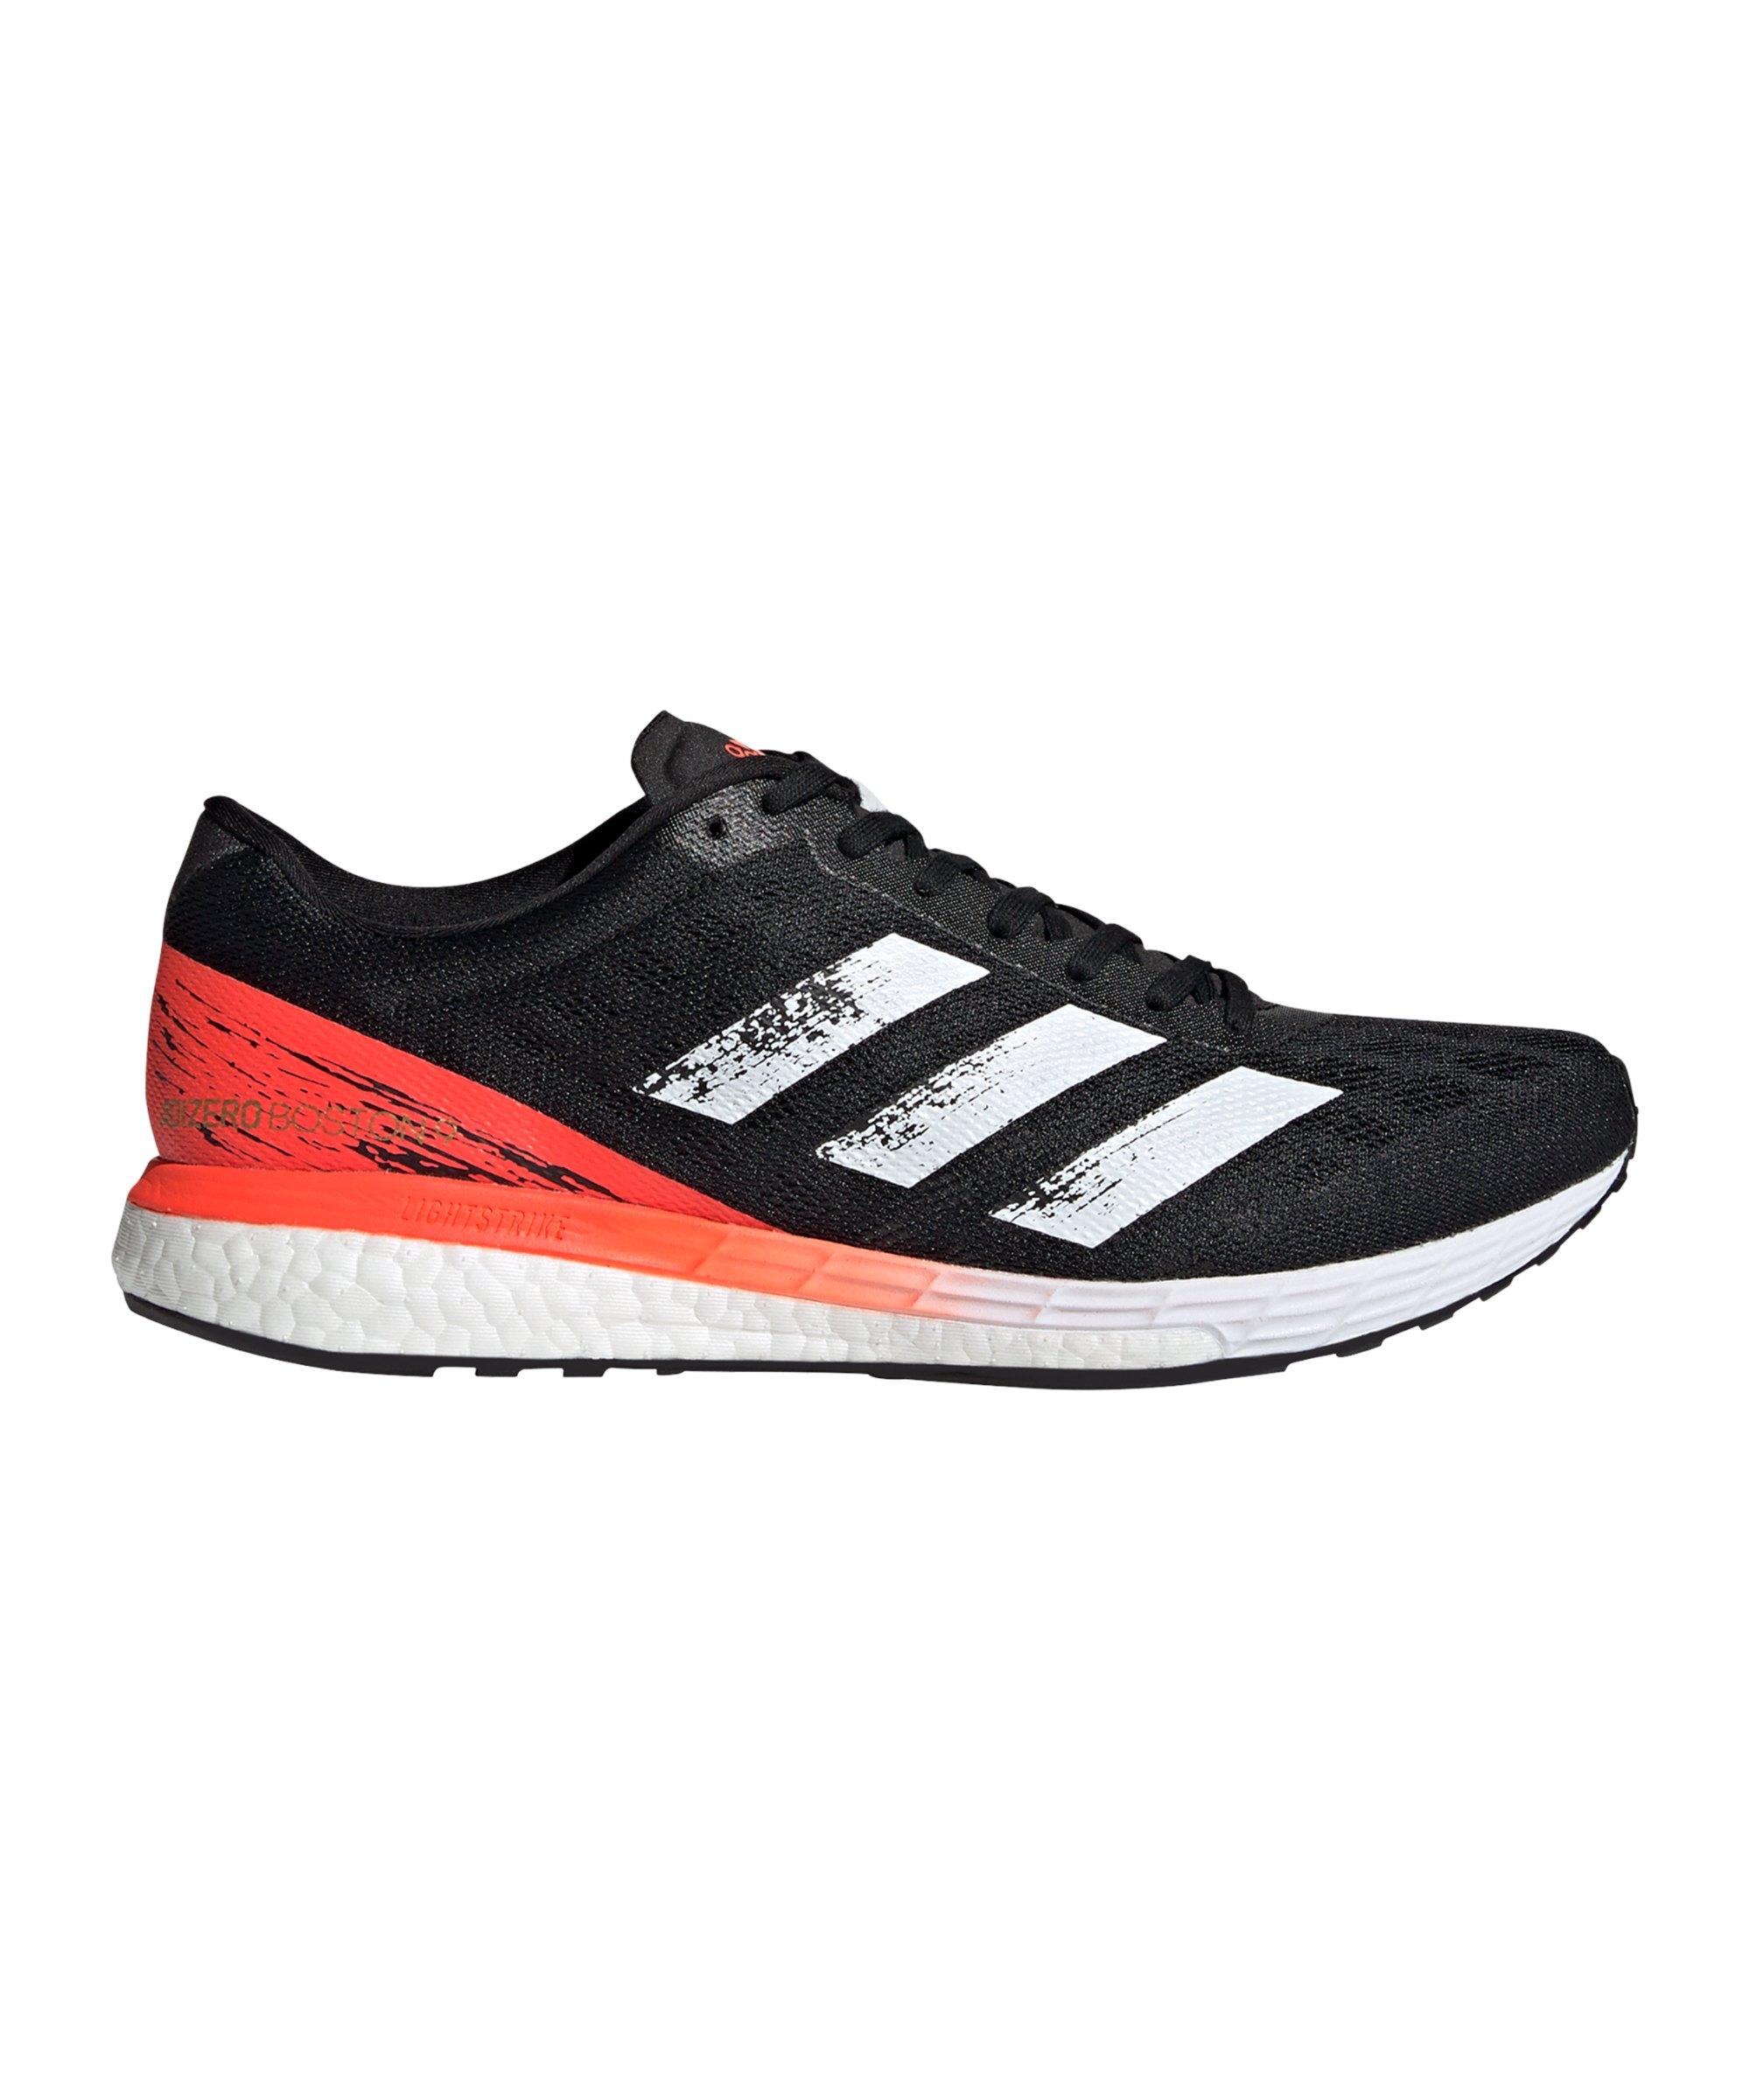 adidas Adizero Boston 9 Running Schwarz Weiss - schwarz